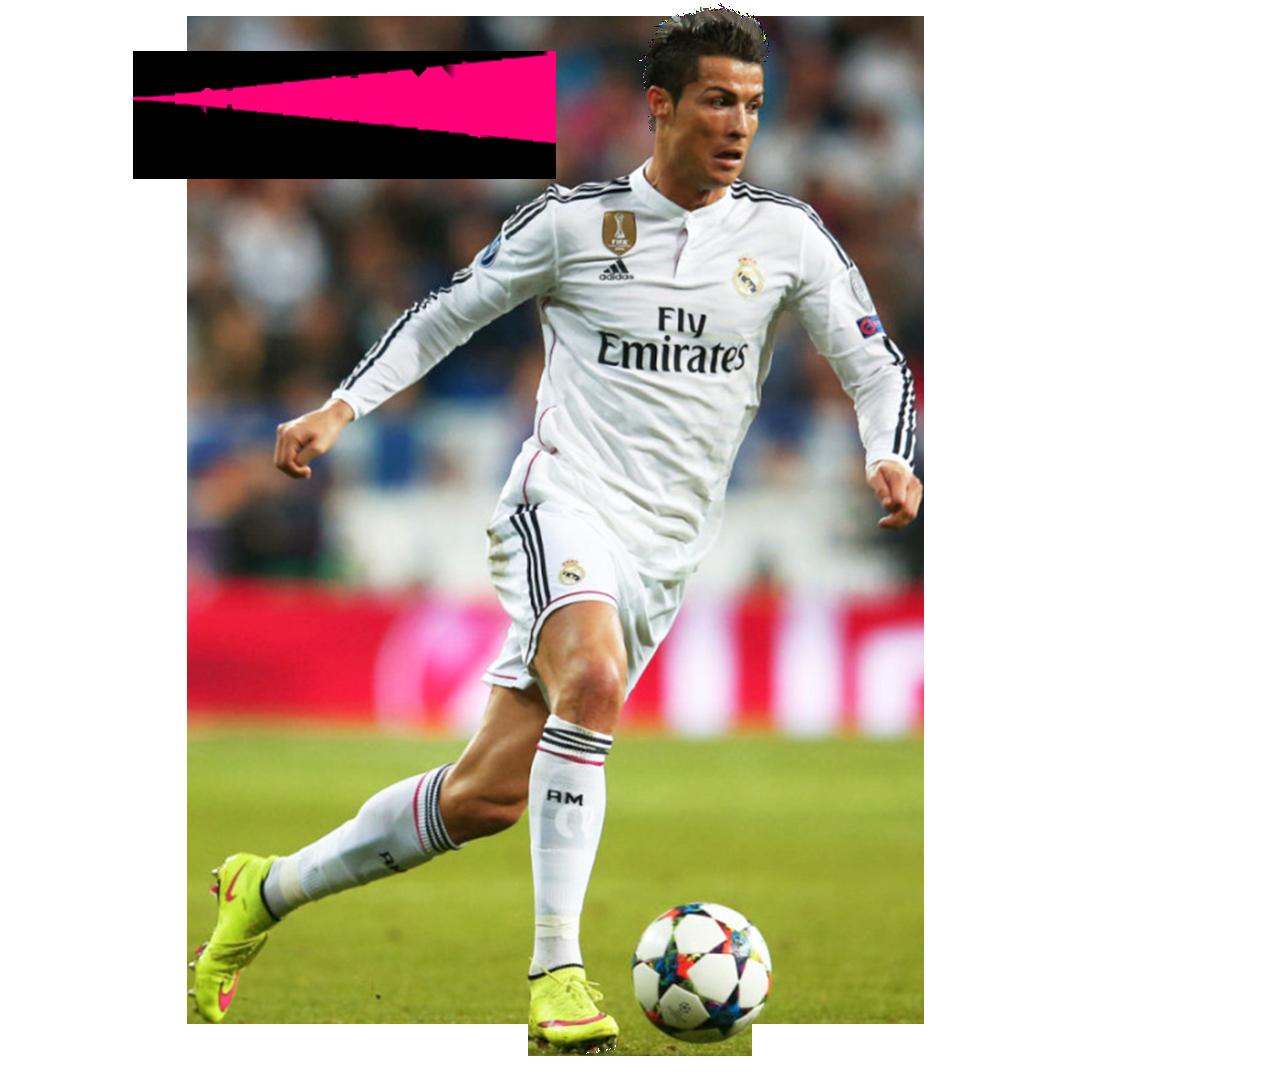 Soccer clipart ronaldo Cristiano Images Ronaldo com Background